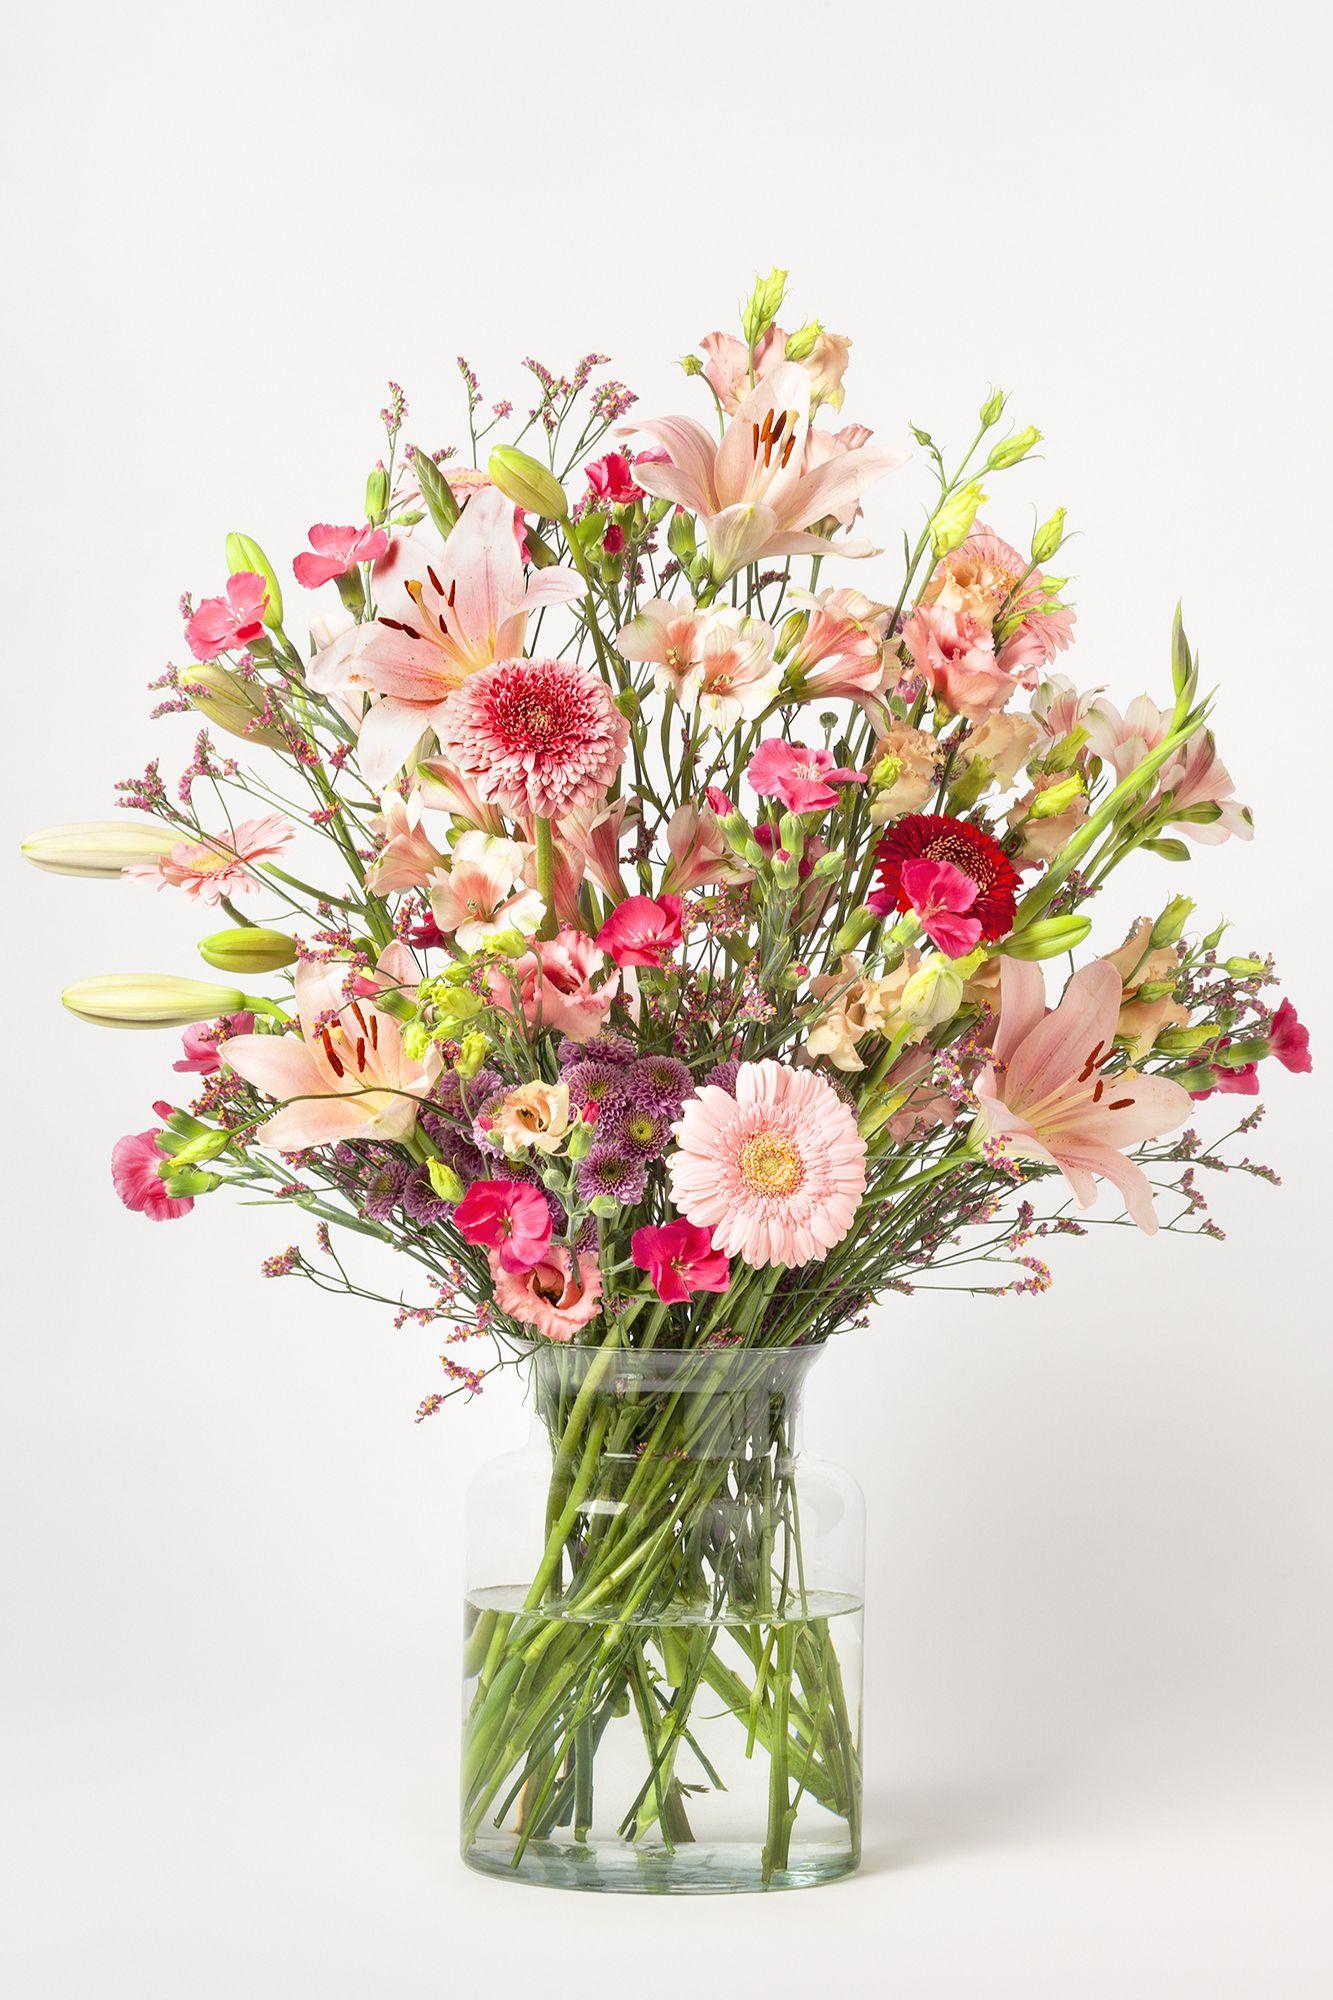 Sommerkleid Blumen Pur Blumen Beste Blumen Blumenstrauß